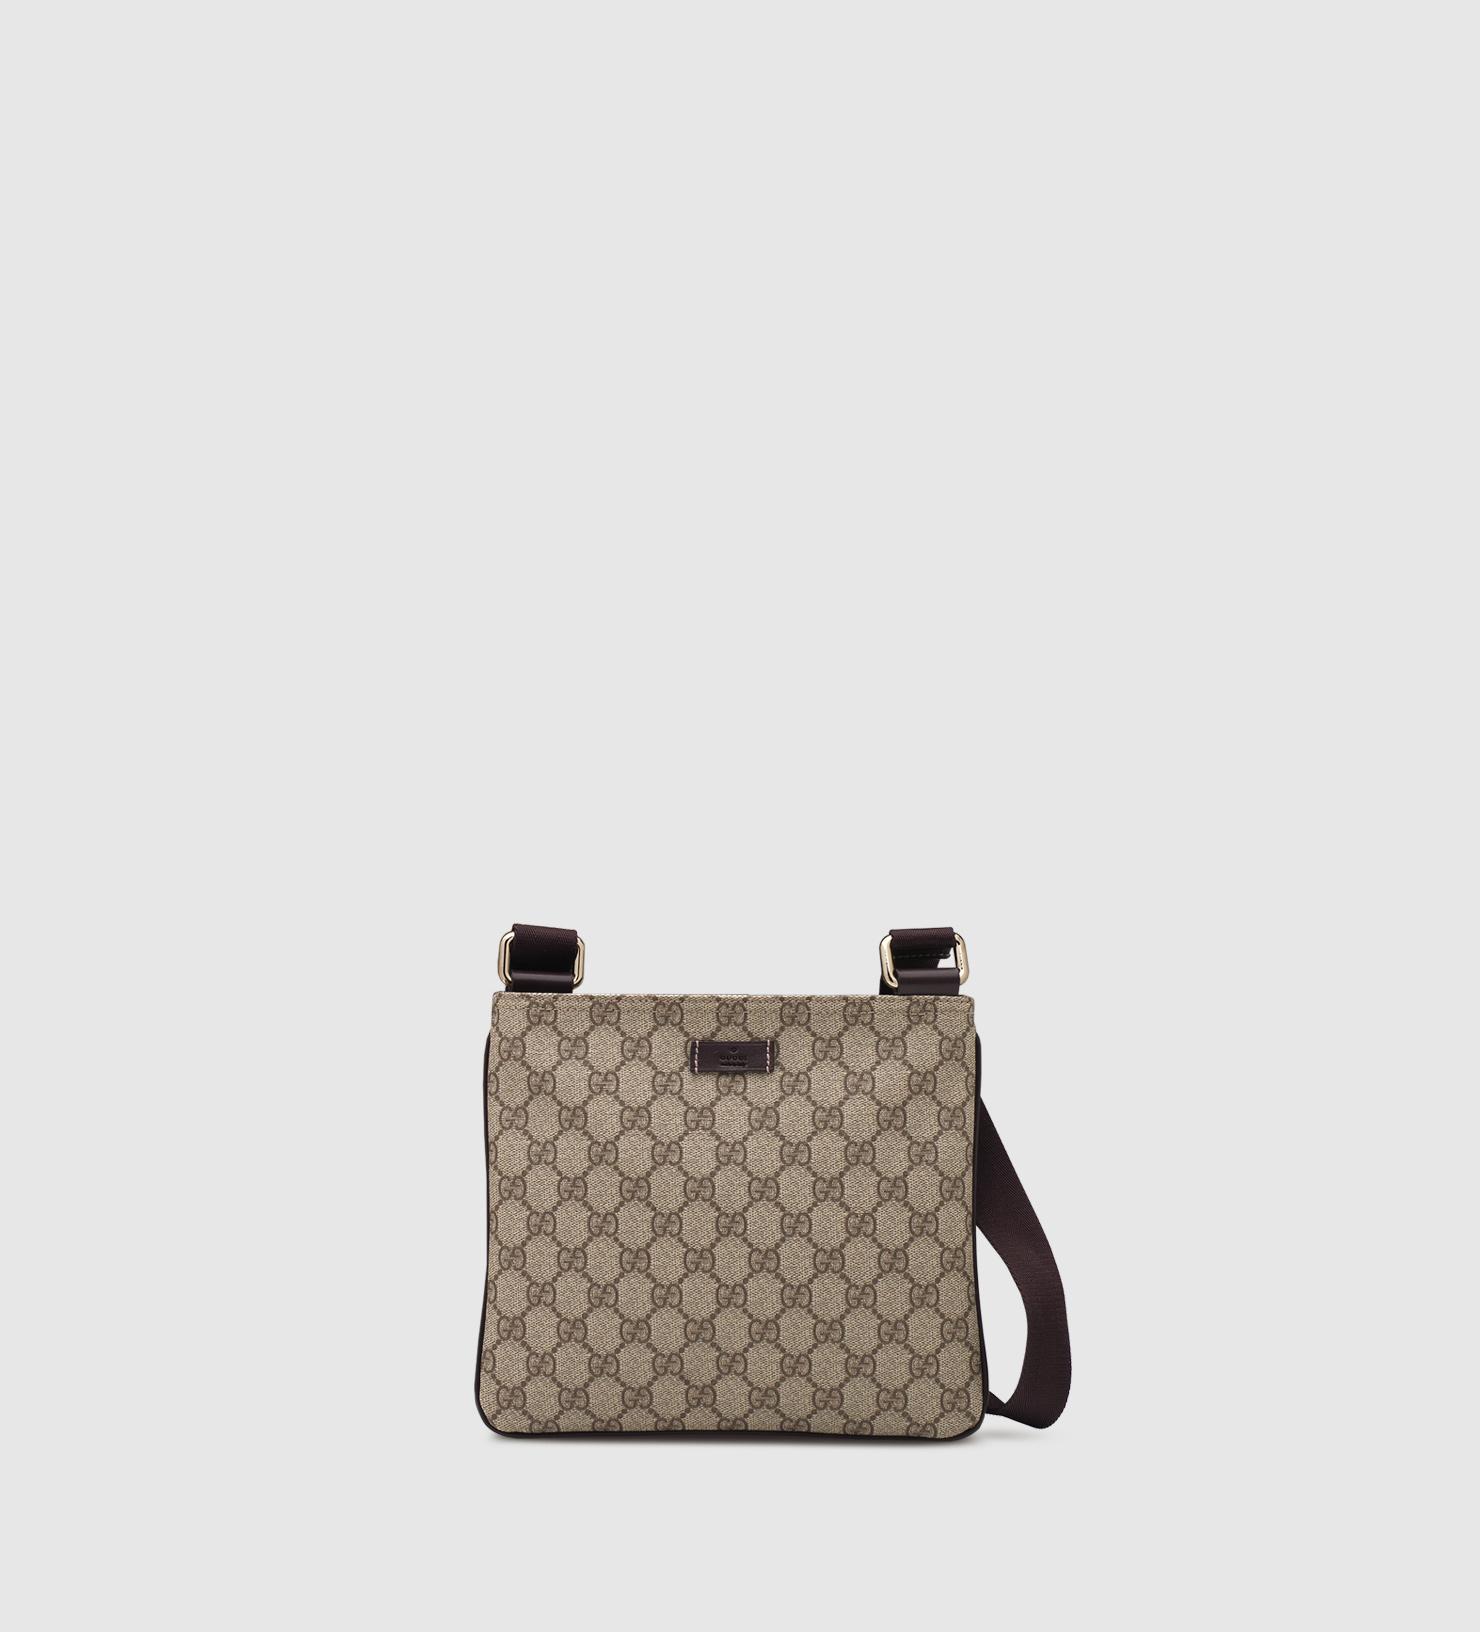 c41e72dcc62e Gucci Gg Supreme Cross Body Messenger Bag in Natural - Lyst